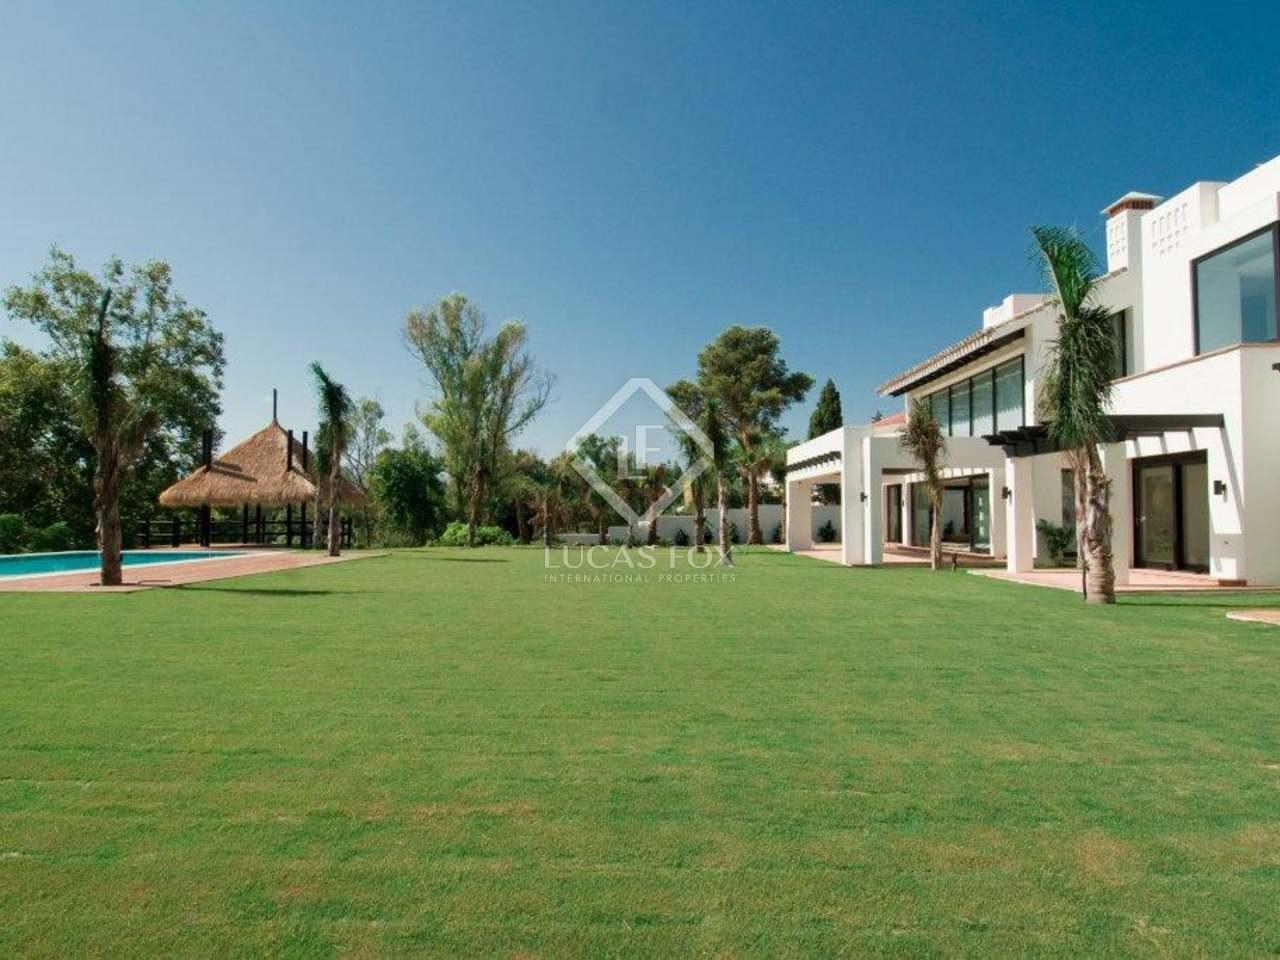 Villa de lujo contempor nea de 5 dormitorios en venta en for Villa jardin lanus oeste